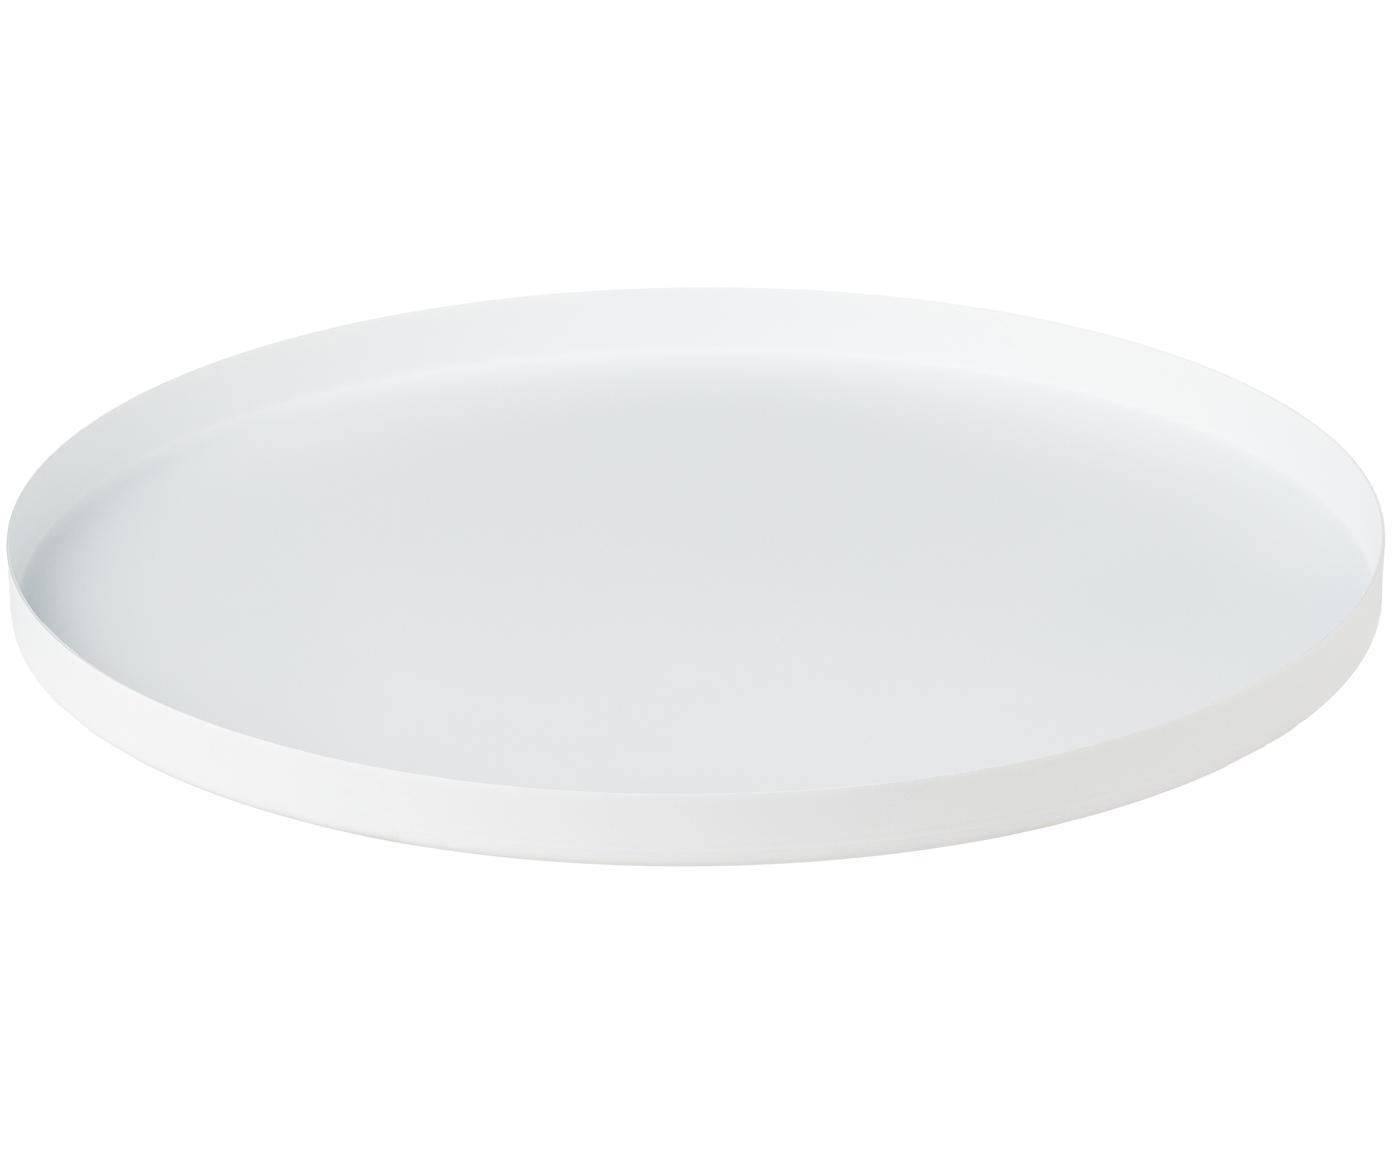 Bandeja decorativa Circle, Acero inoxidable, pintura en polvo, Blanco, Ø 30 x Al 2 cm